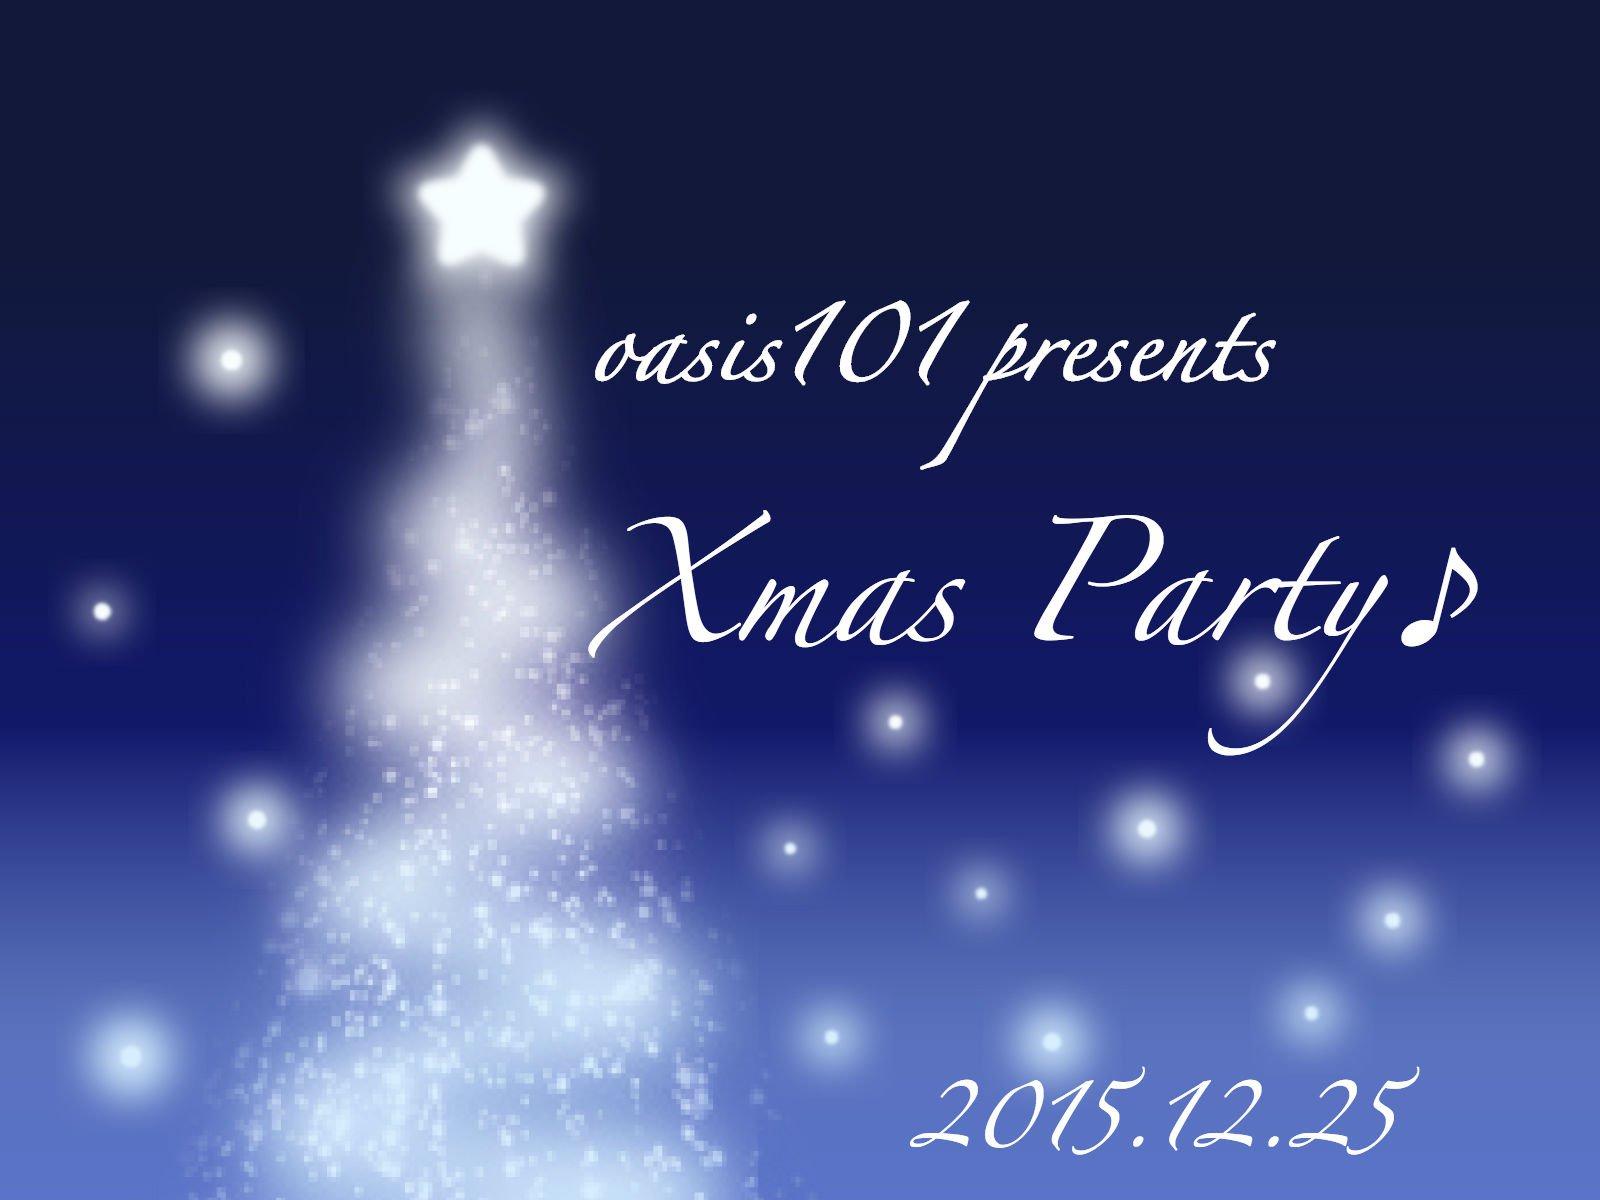 【銀行振込決済専用】★12/25(金)20:00〜★Xmas Party♪ in 銀座★oasis101presents【男性用】のイメージその1